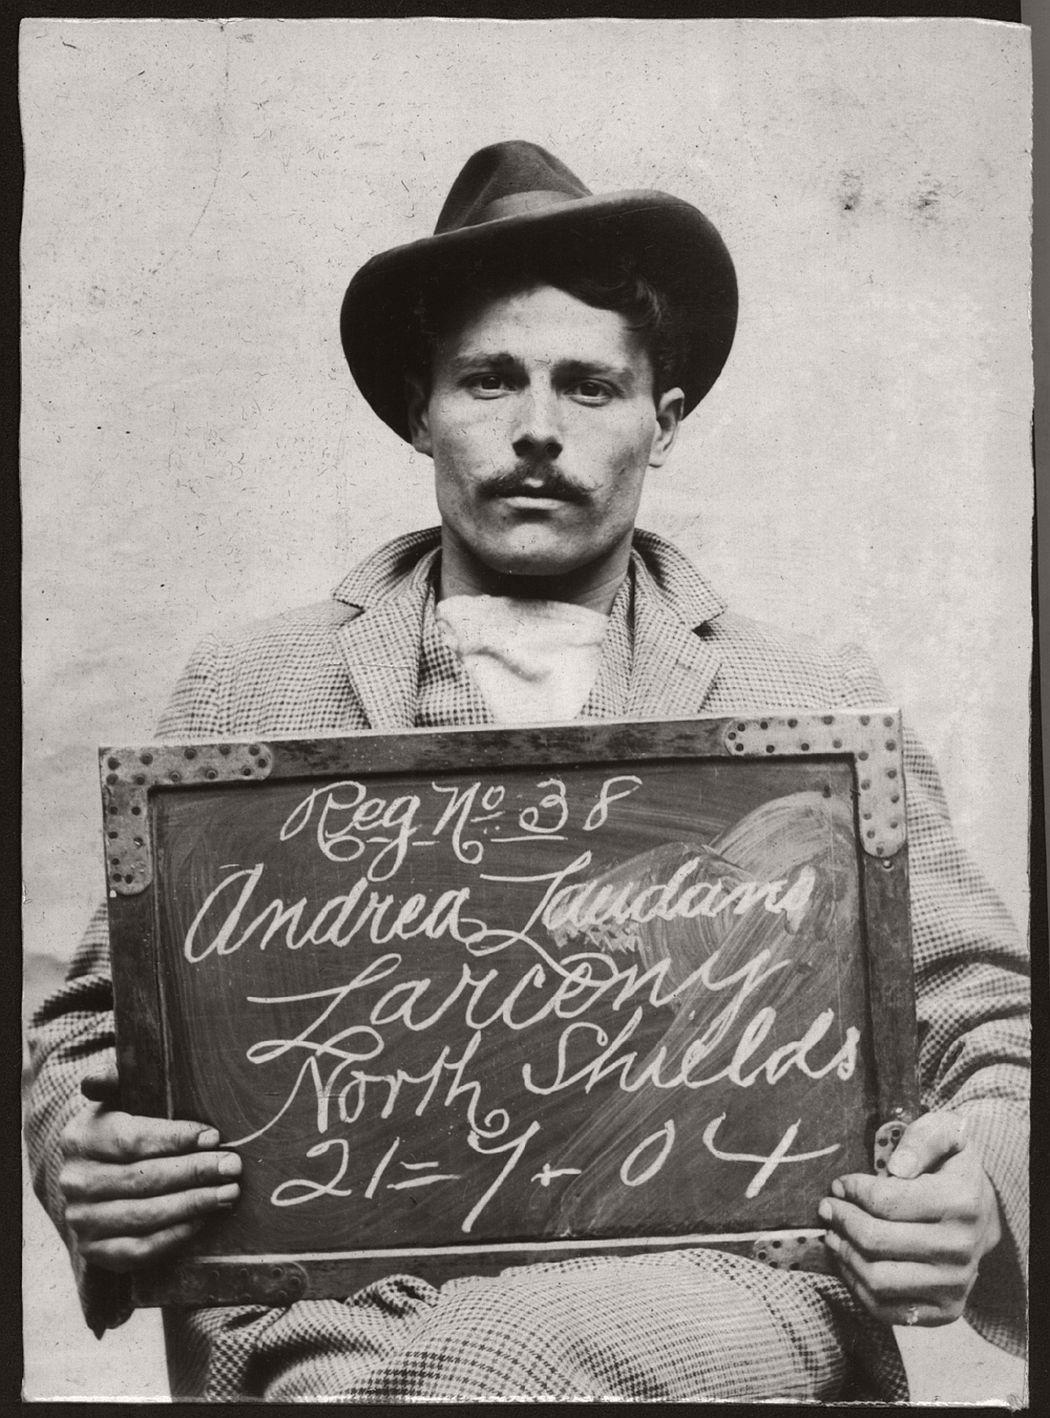 vintage-mug-shot-of-criminals-from-north-shields-1902-1905-01